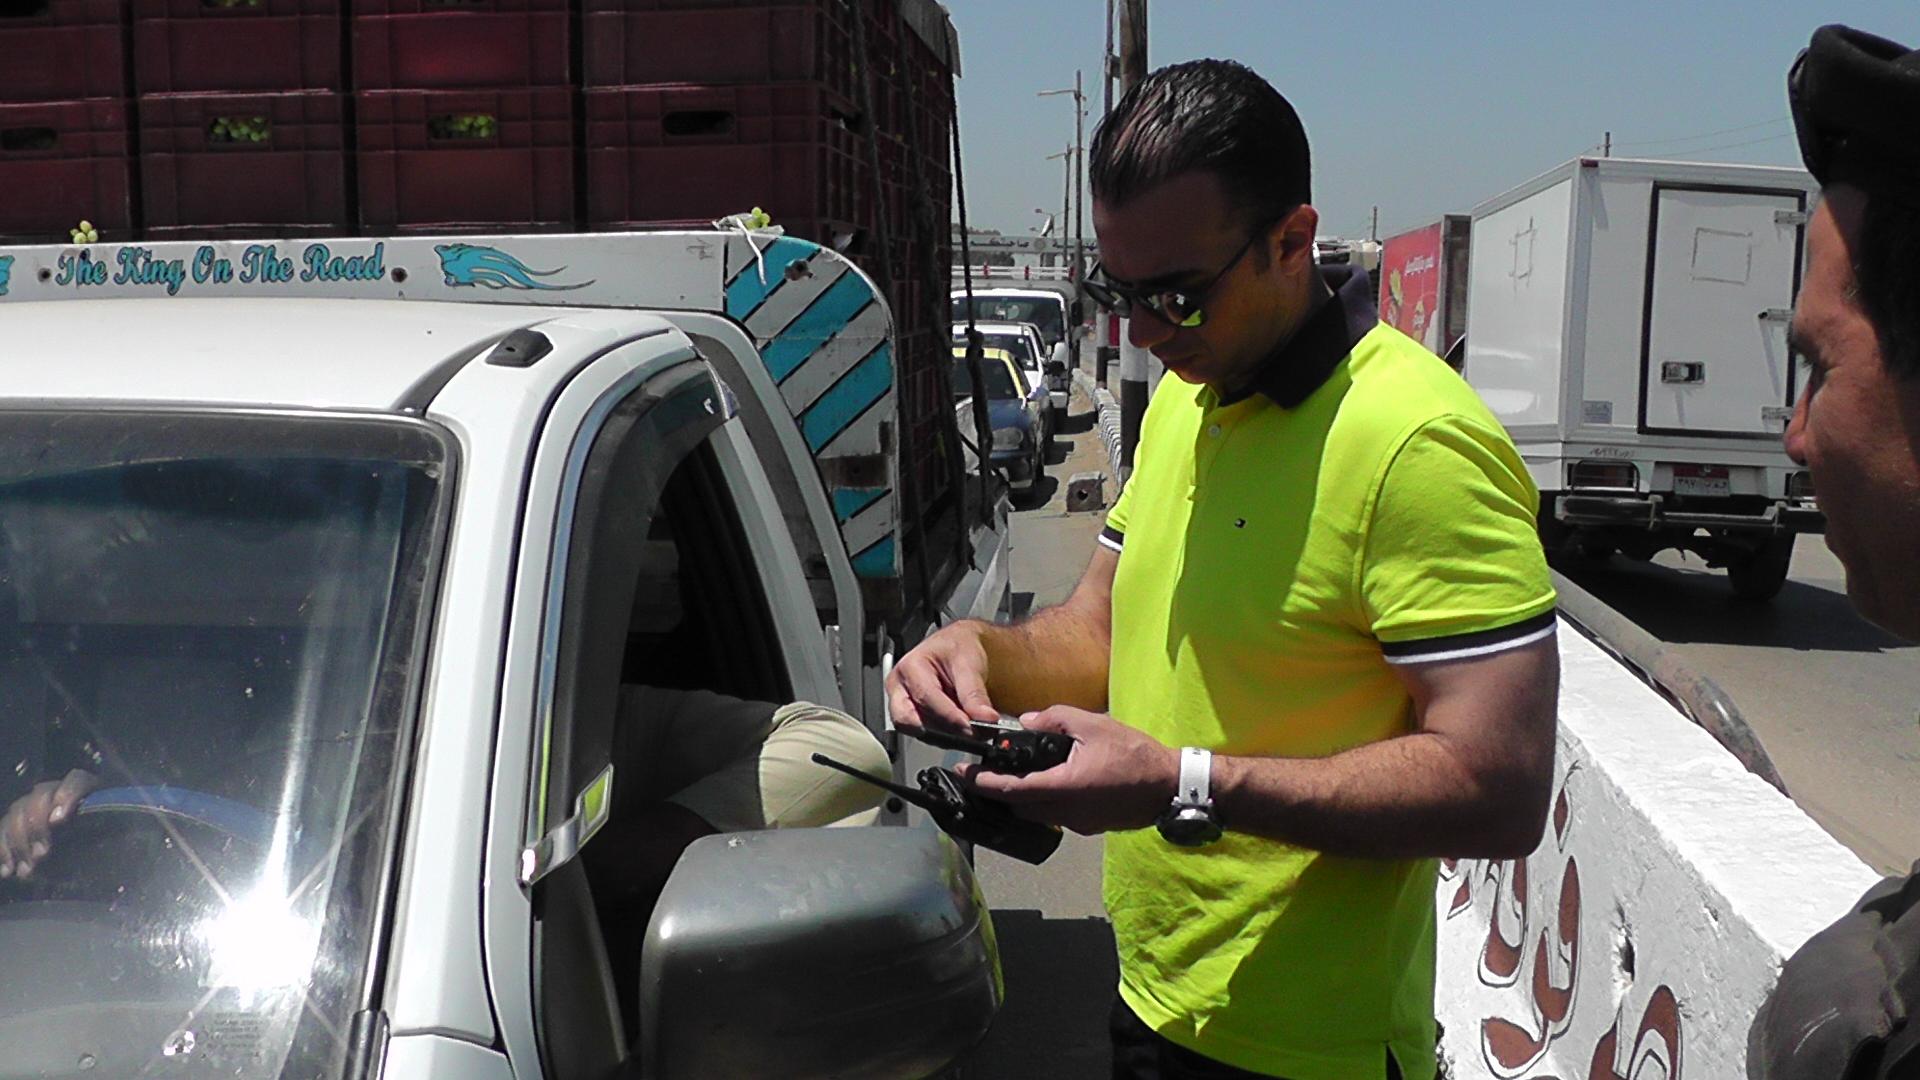 ظباط المرور بشوارع الدقهلية خلال حملة مكبرة